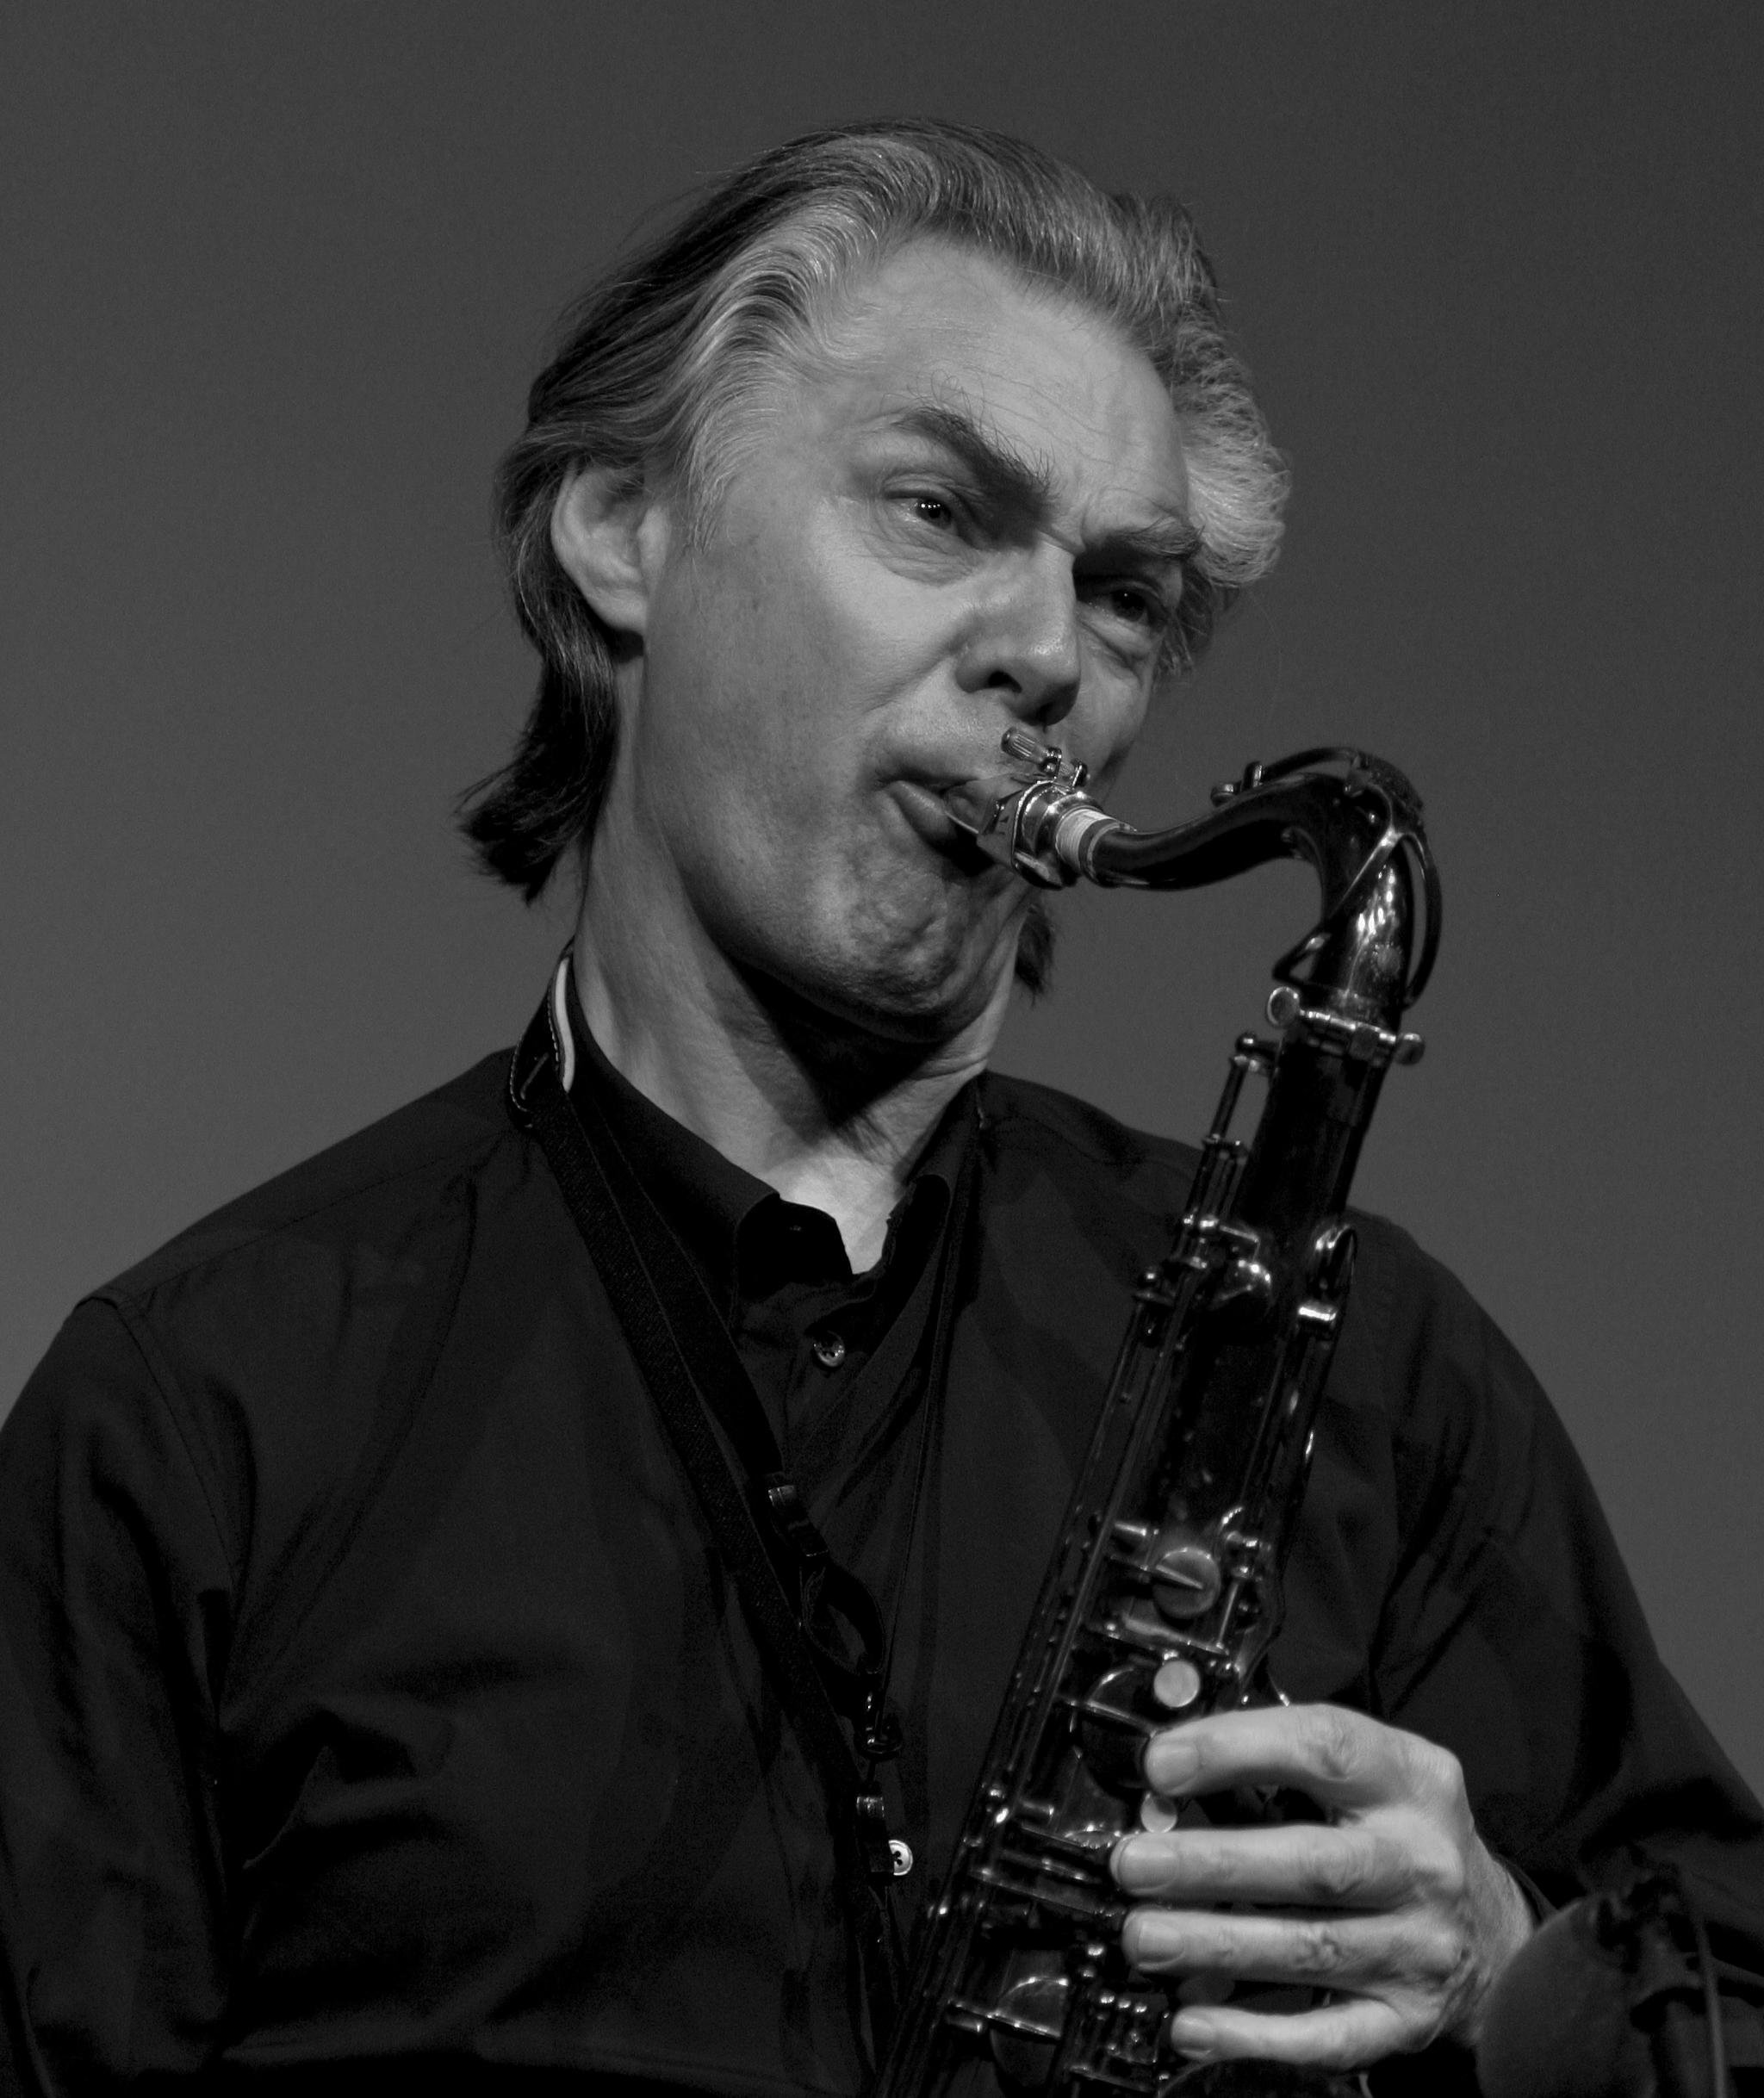 Jan Garbarek (Tenorsax) on Copenhagen Jazz Festival 2007, Denmark